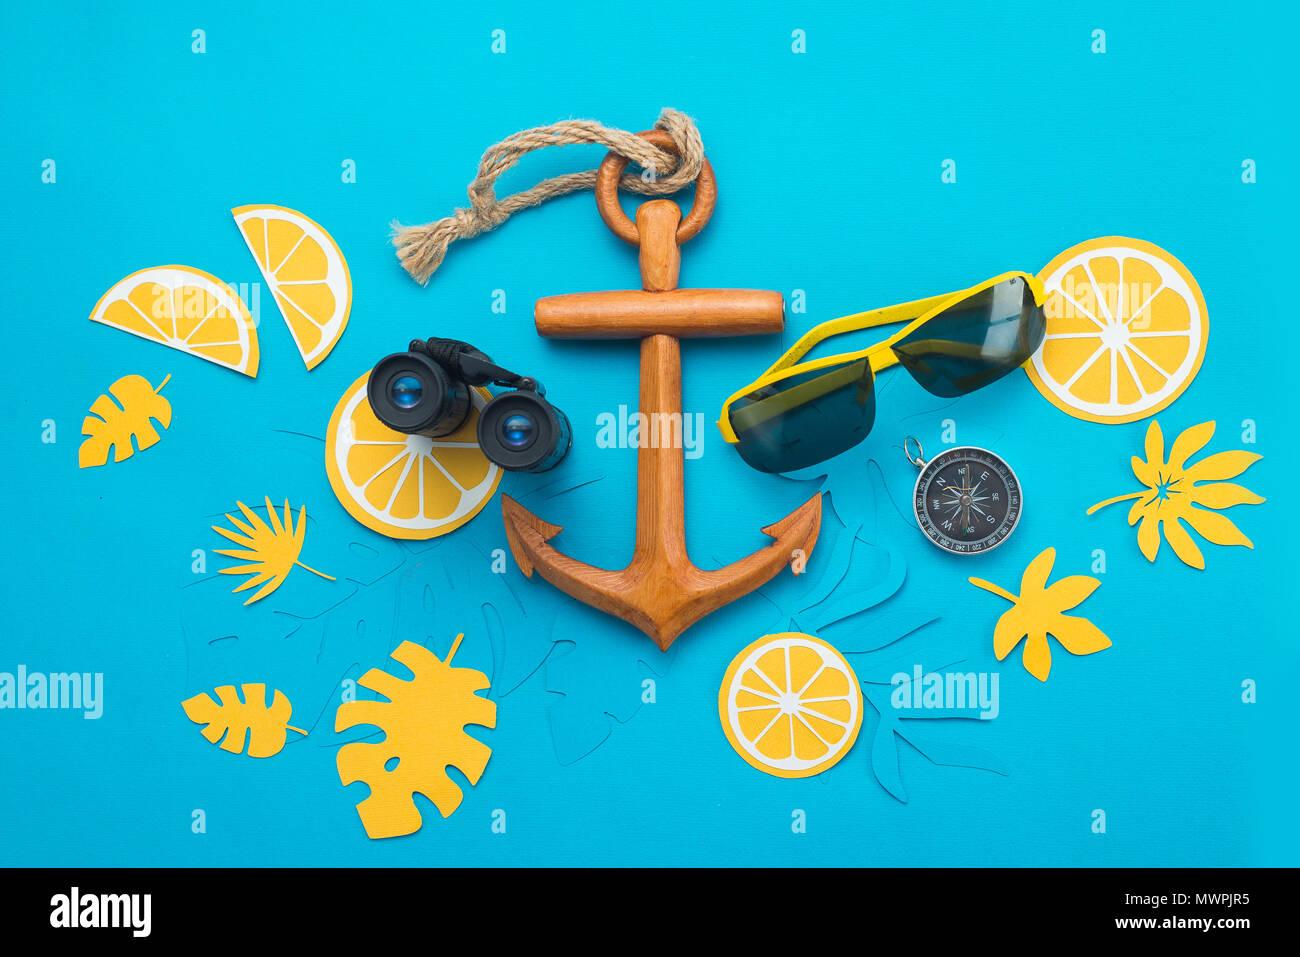 Arrière-plan de voyage en mer avec des lunettes de soleil, jumelles, boussole, d'ancrage et de feuilles tropicales lumineuses sur un fond bleu. Vacances d'été avec concept copy space Photo Stock